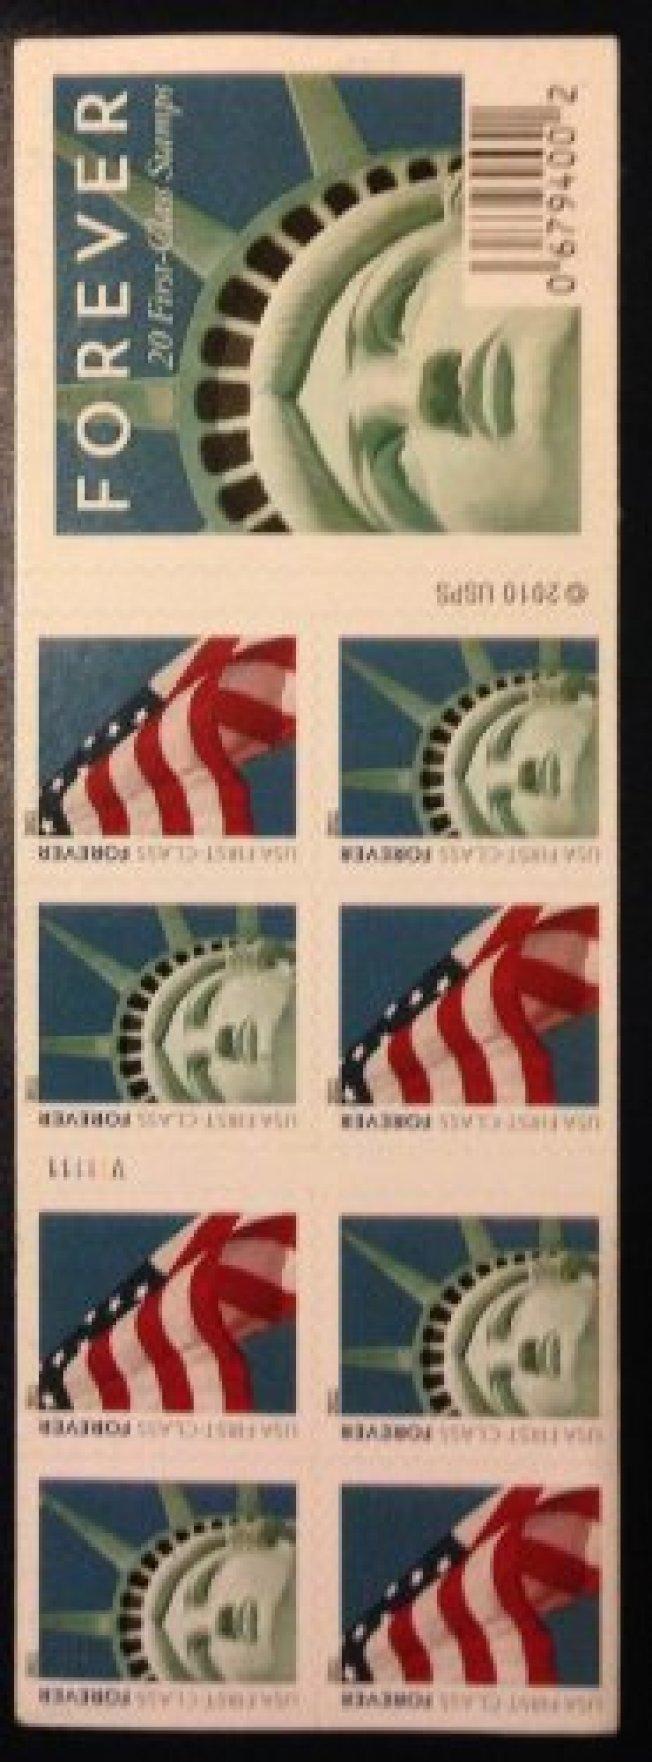 美國郵局自由女神像郵票被雕塑者控告侵權。(網路照片)